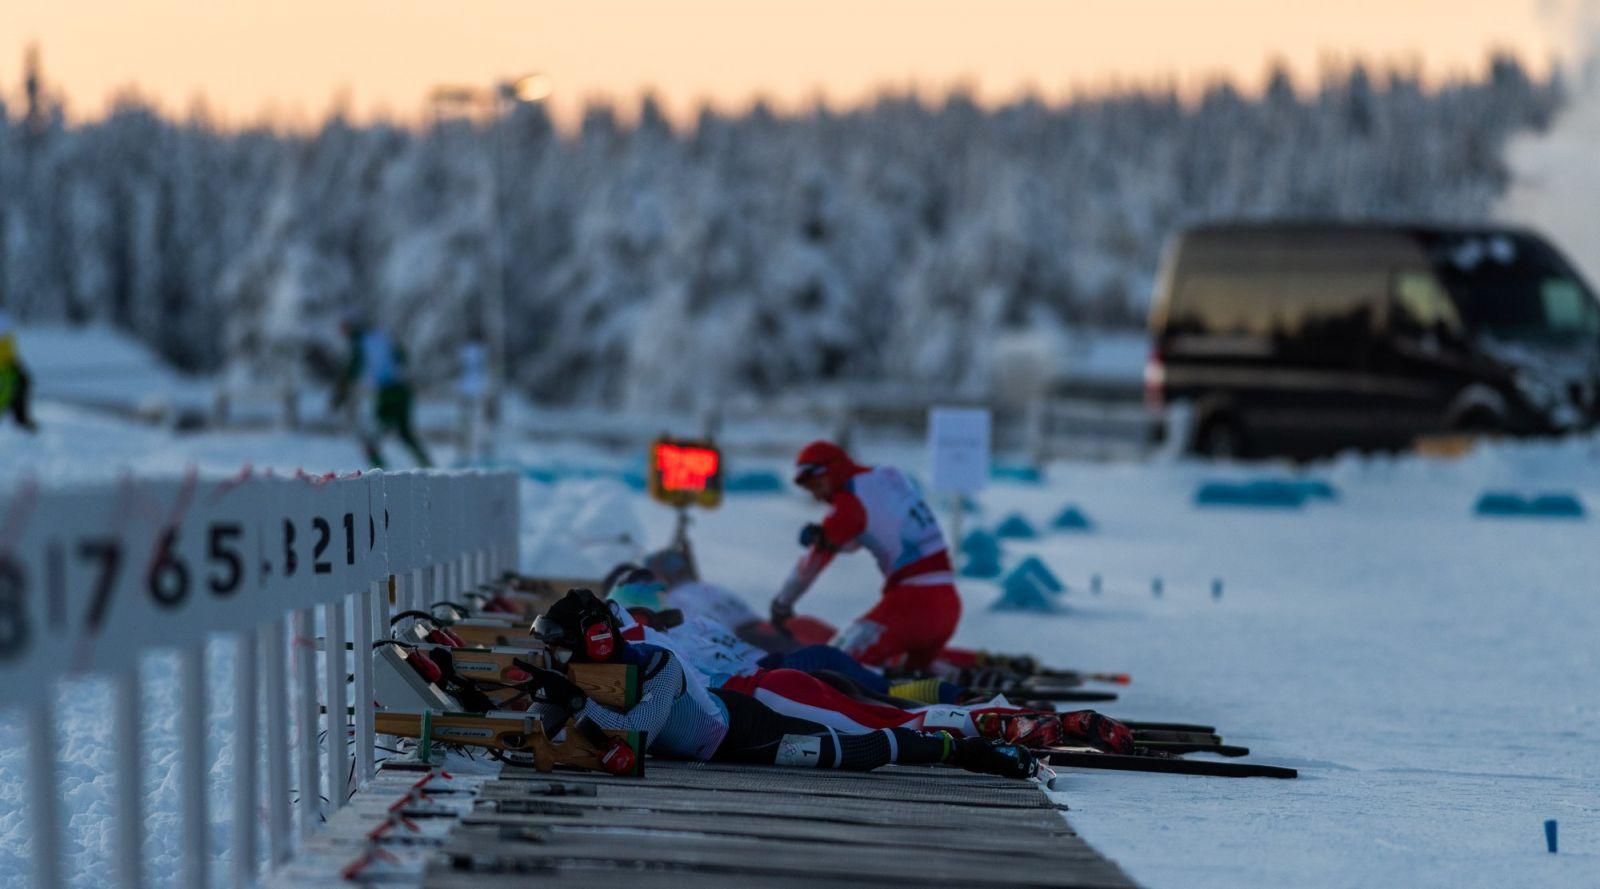 Сборная России выиграла медальный зачет I этапа Кубка мира по лыжным гонкам и биатлону МПК